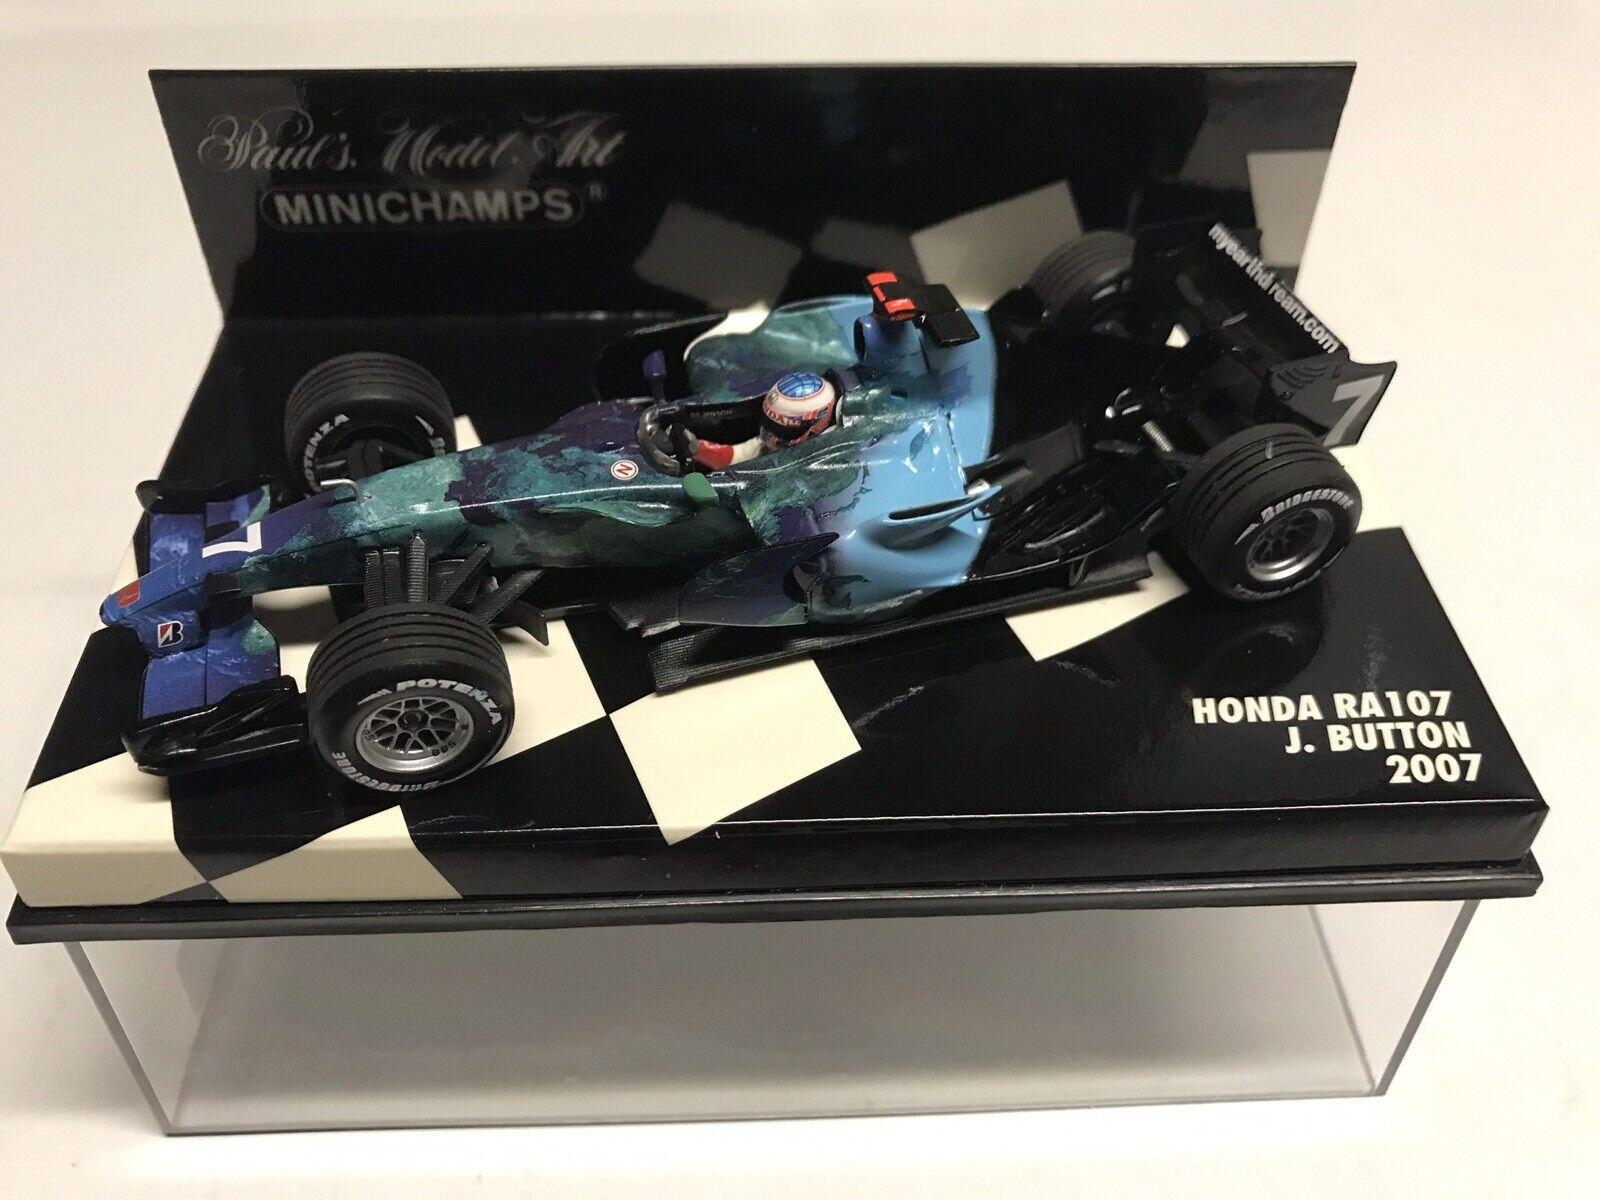 Raro Minichamps Jenson Button 2007 Honda Racing F1 Team RA107  43 Nuevo en Caja